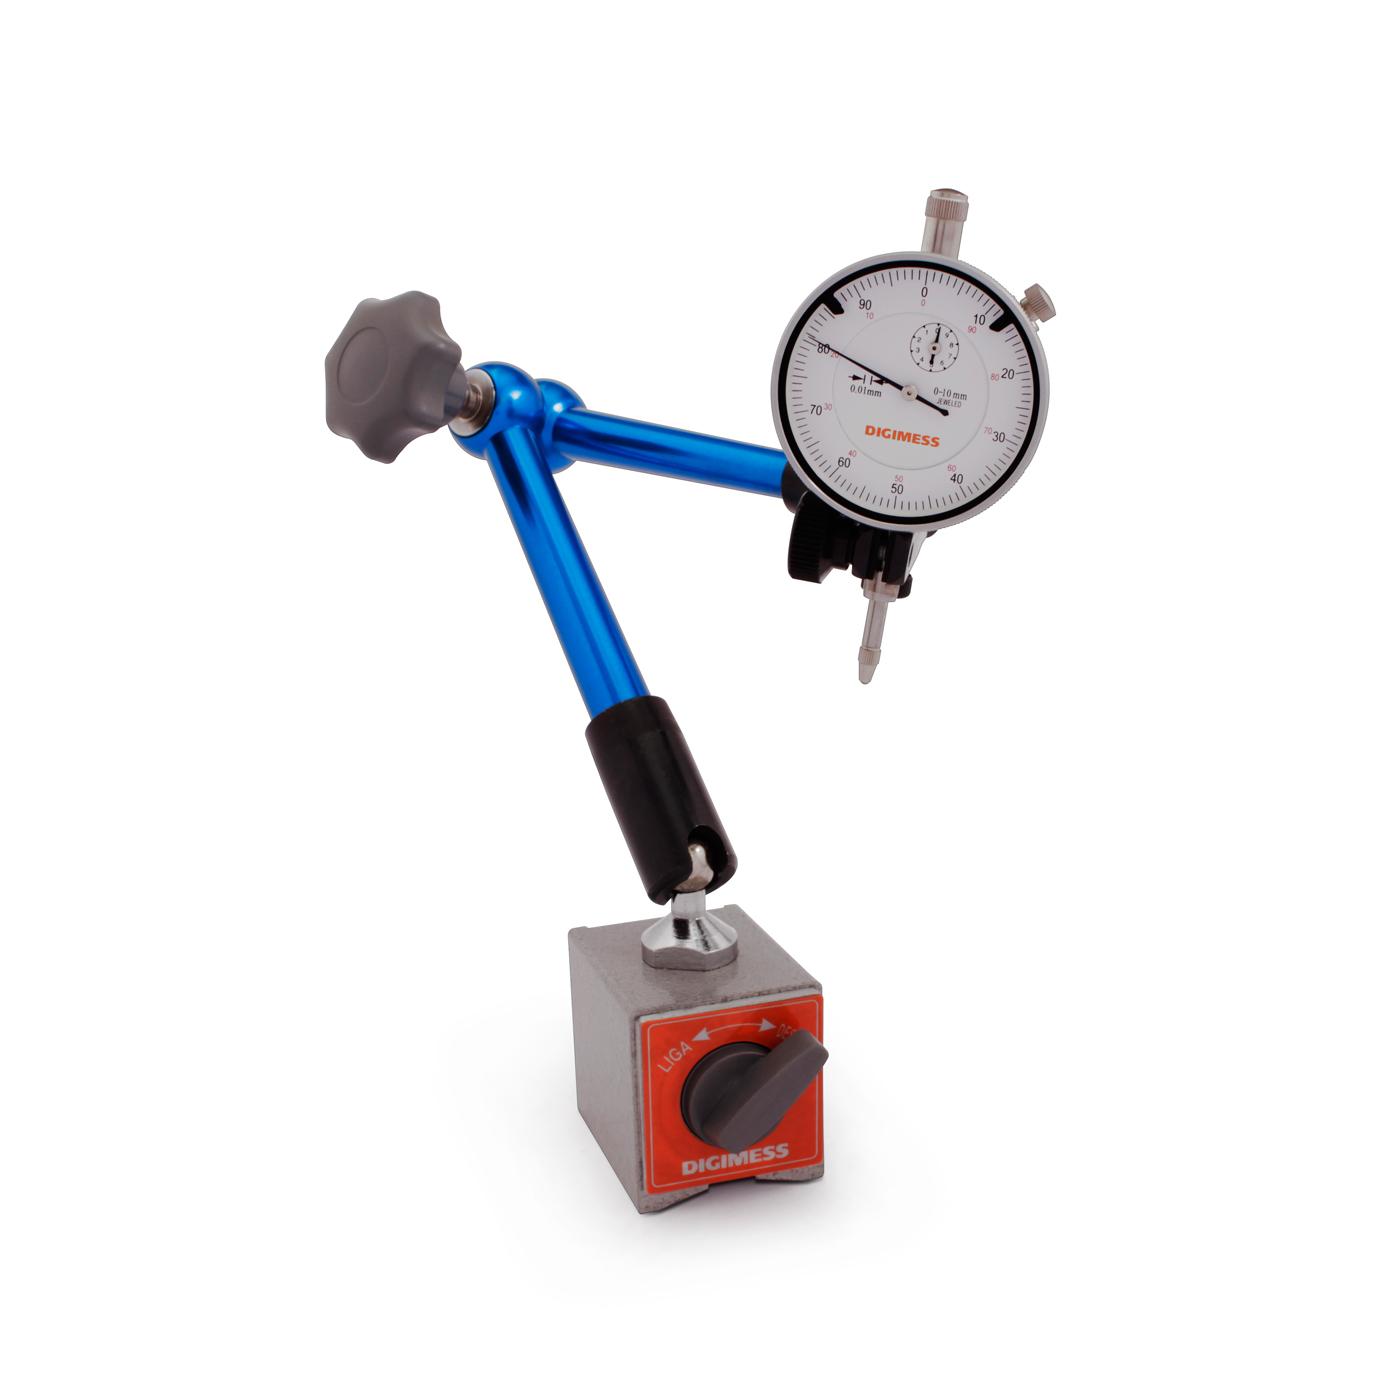 Suporte Magnético 435mm Articulado Hidráulico Digimess 270.241